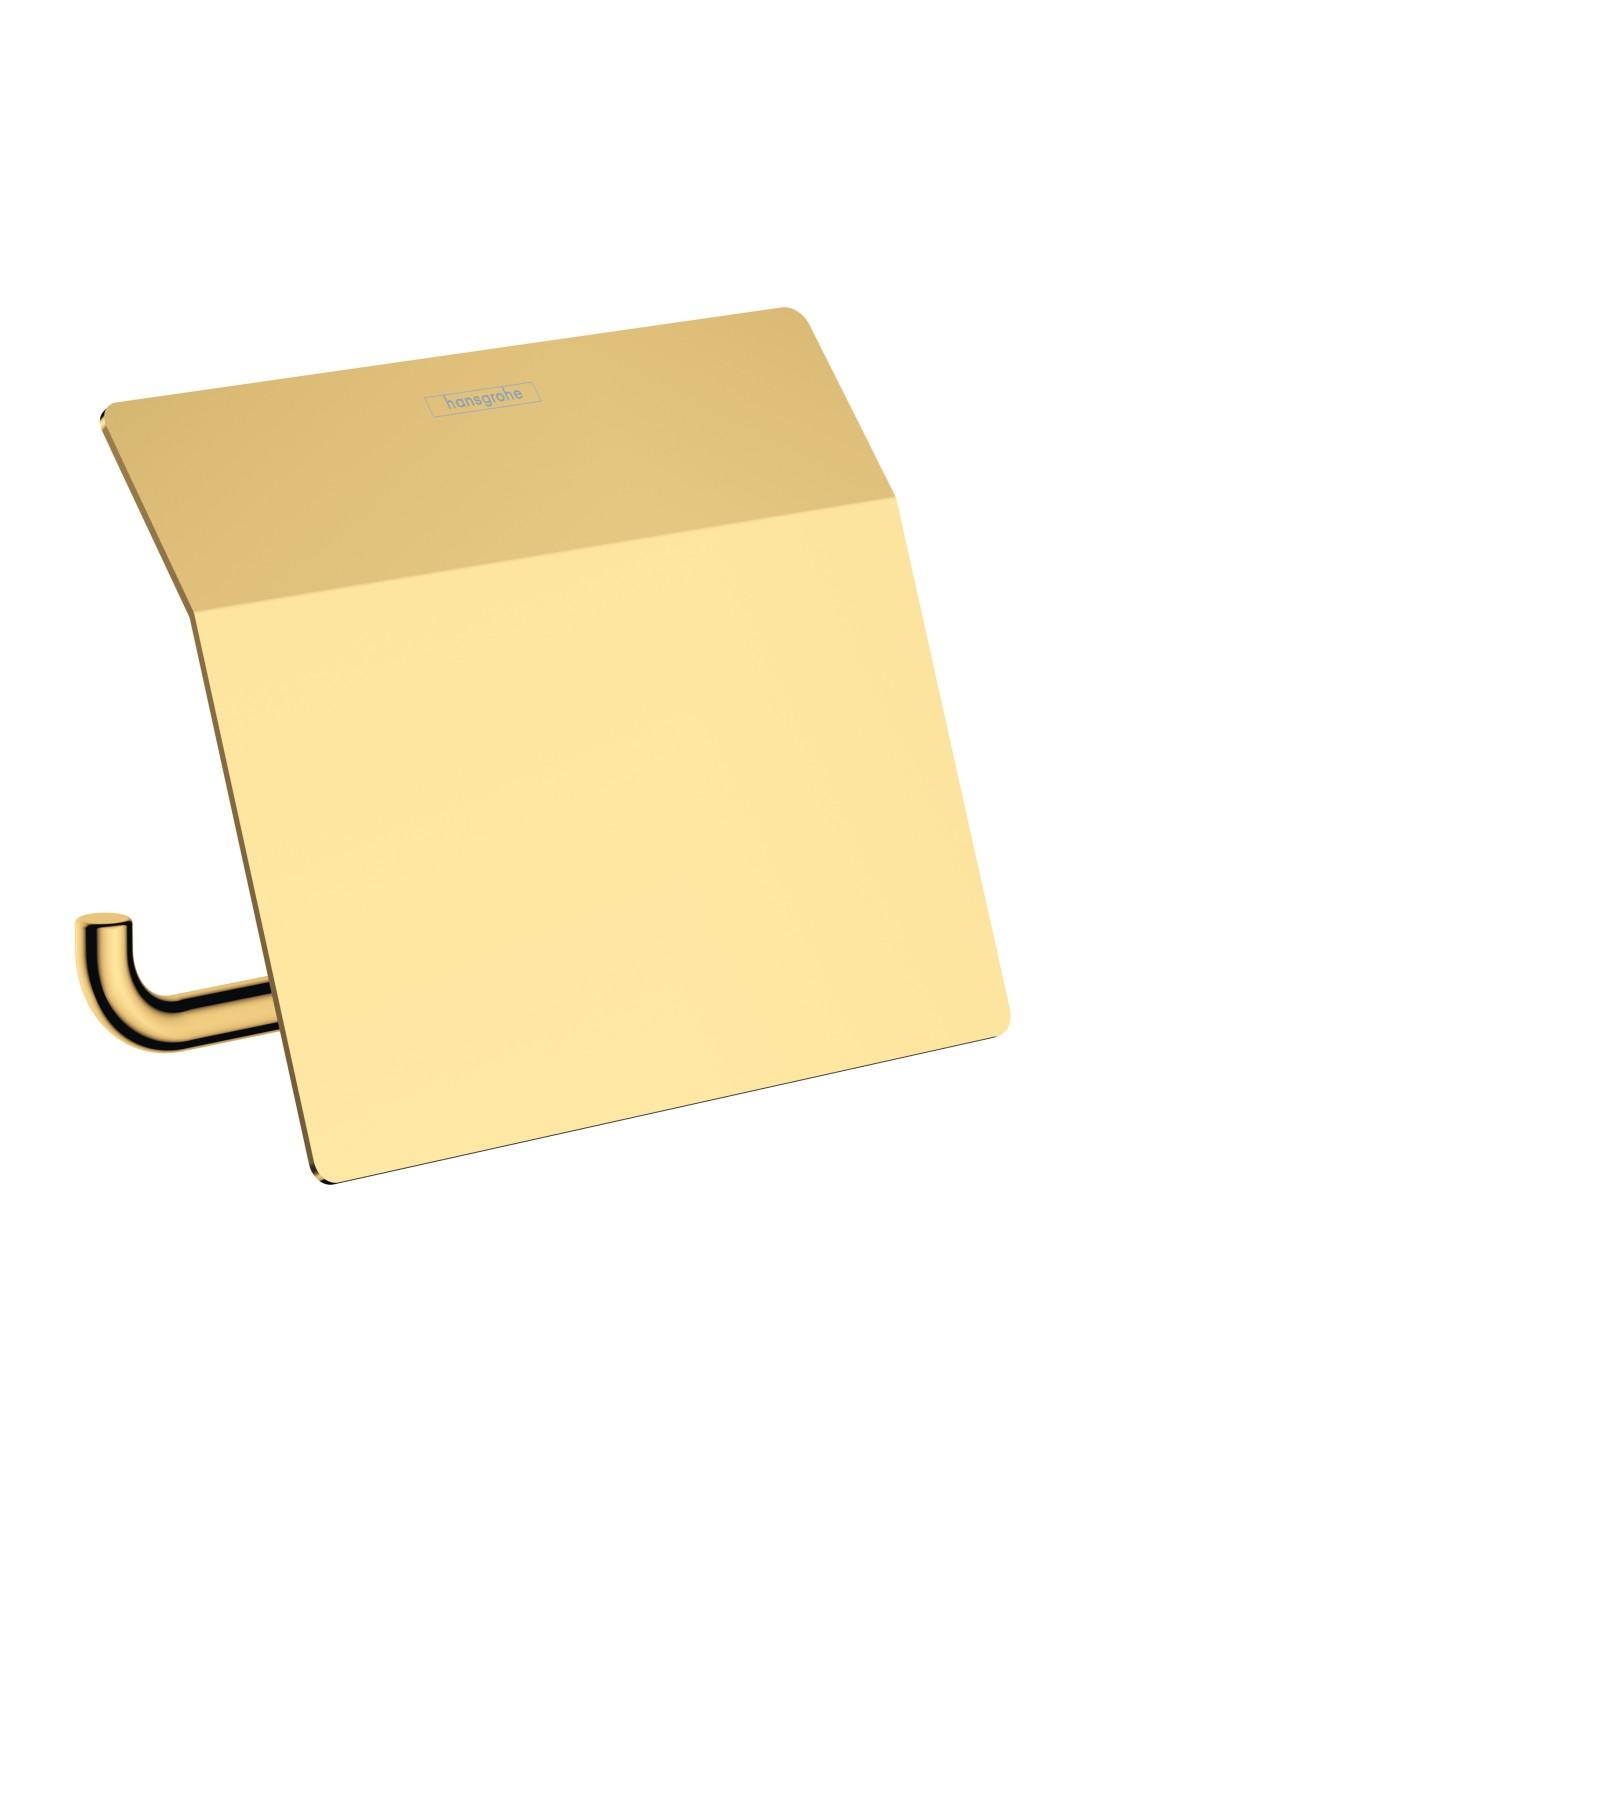 HG Papierrollenhalter mit Deckel